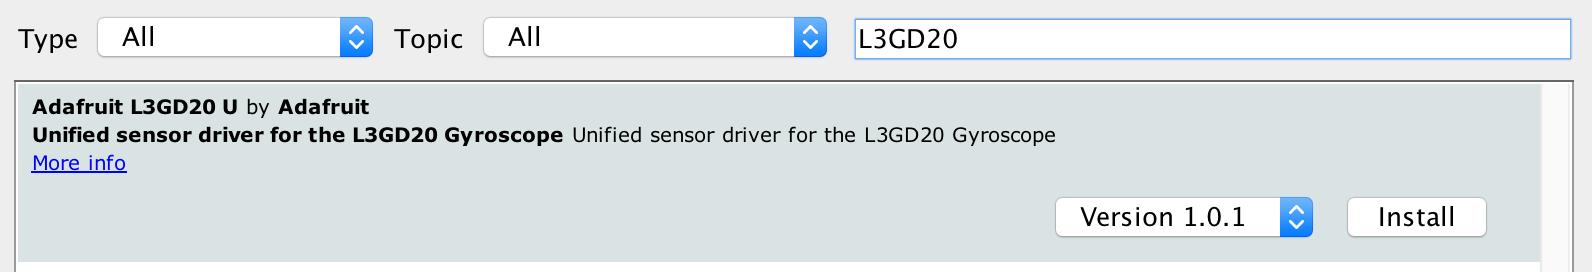 sensors_Screen_Shot_2018-09-25_at_21.40.21.png